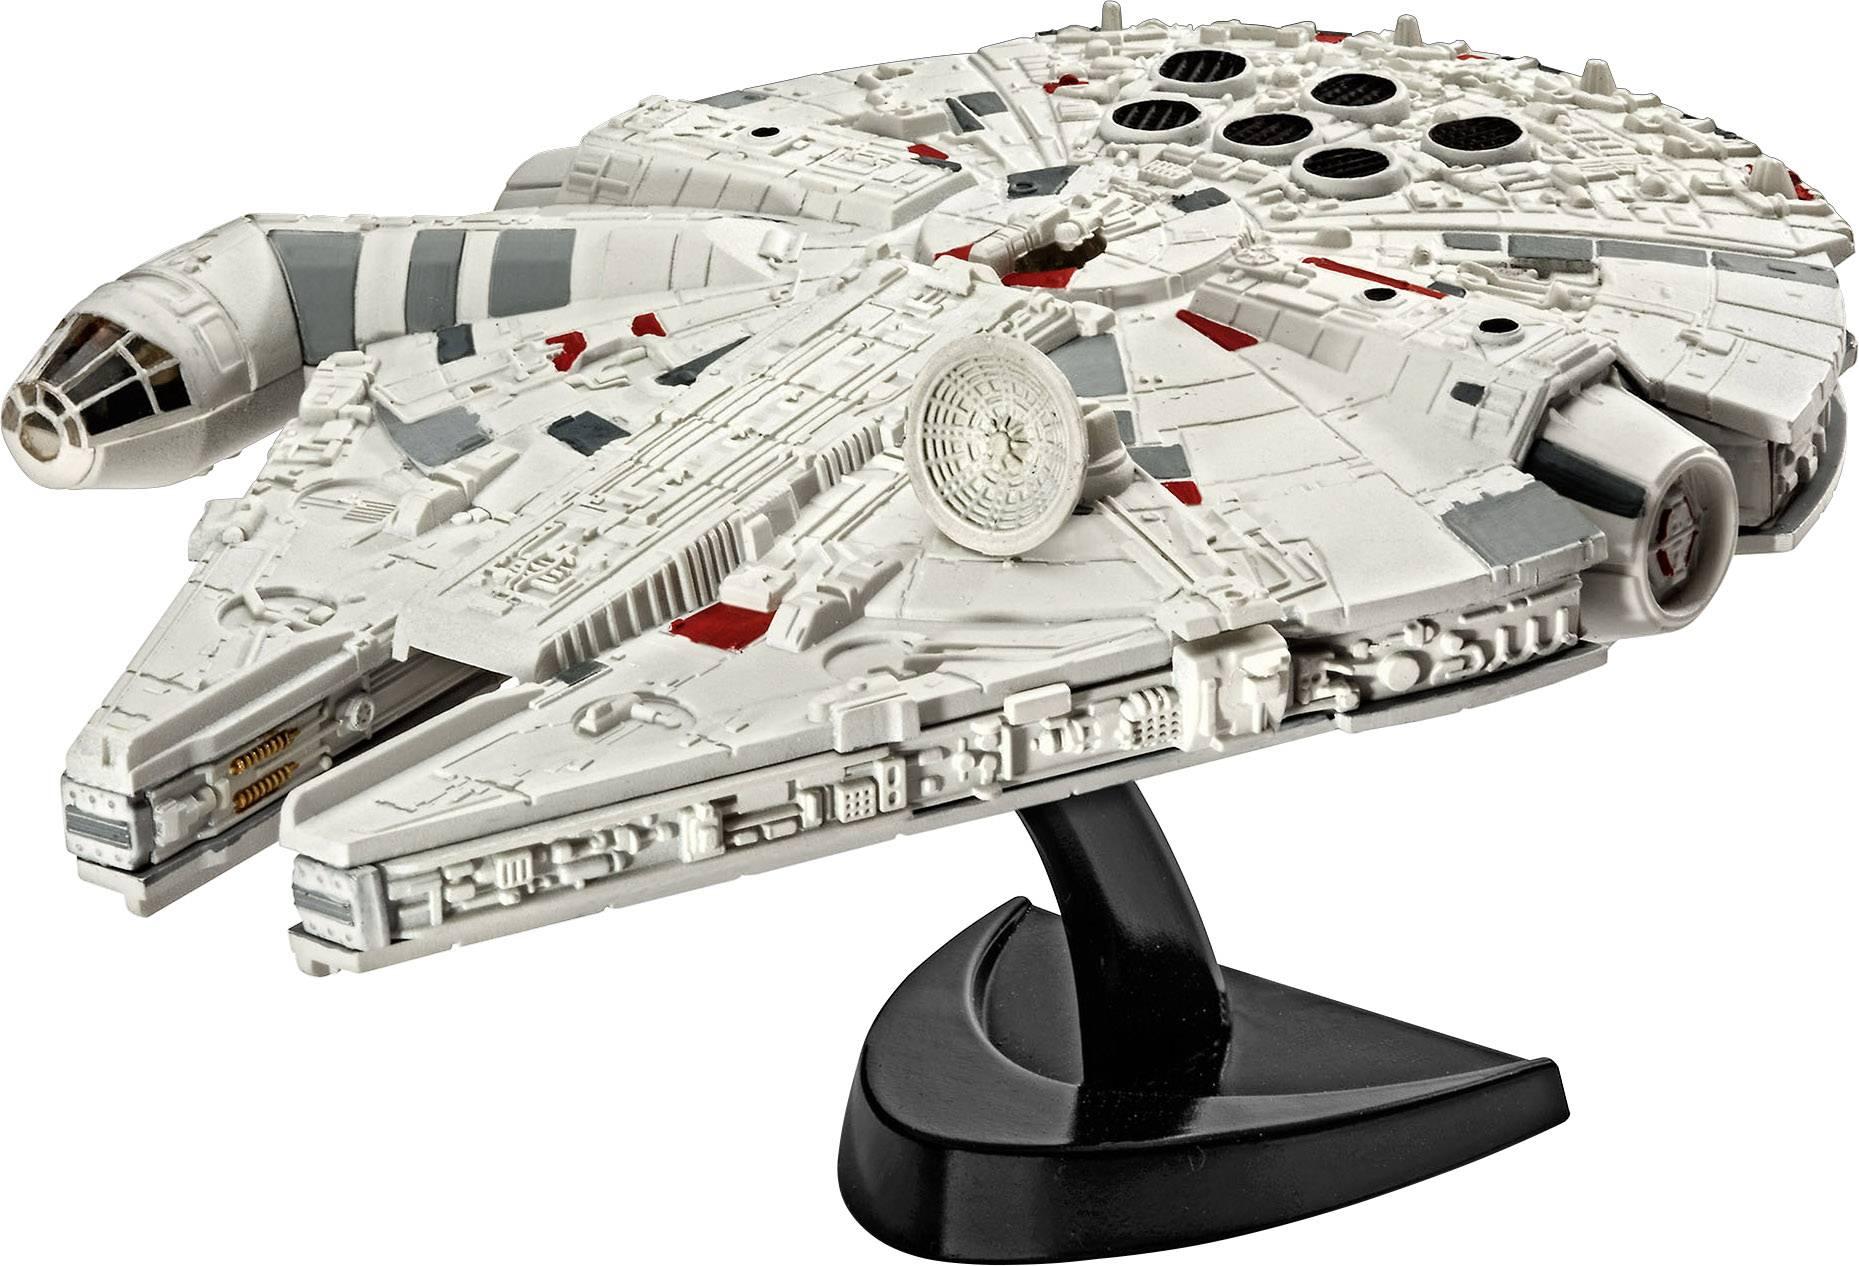 Star Wars Millenium Falcon, sci-fi model, stavebnica Revell 03600